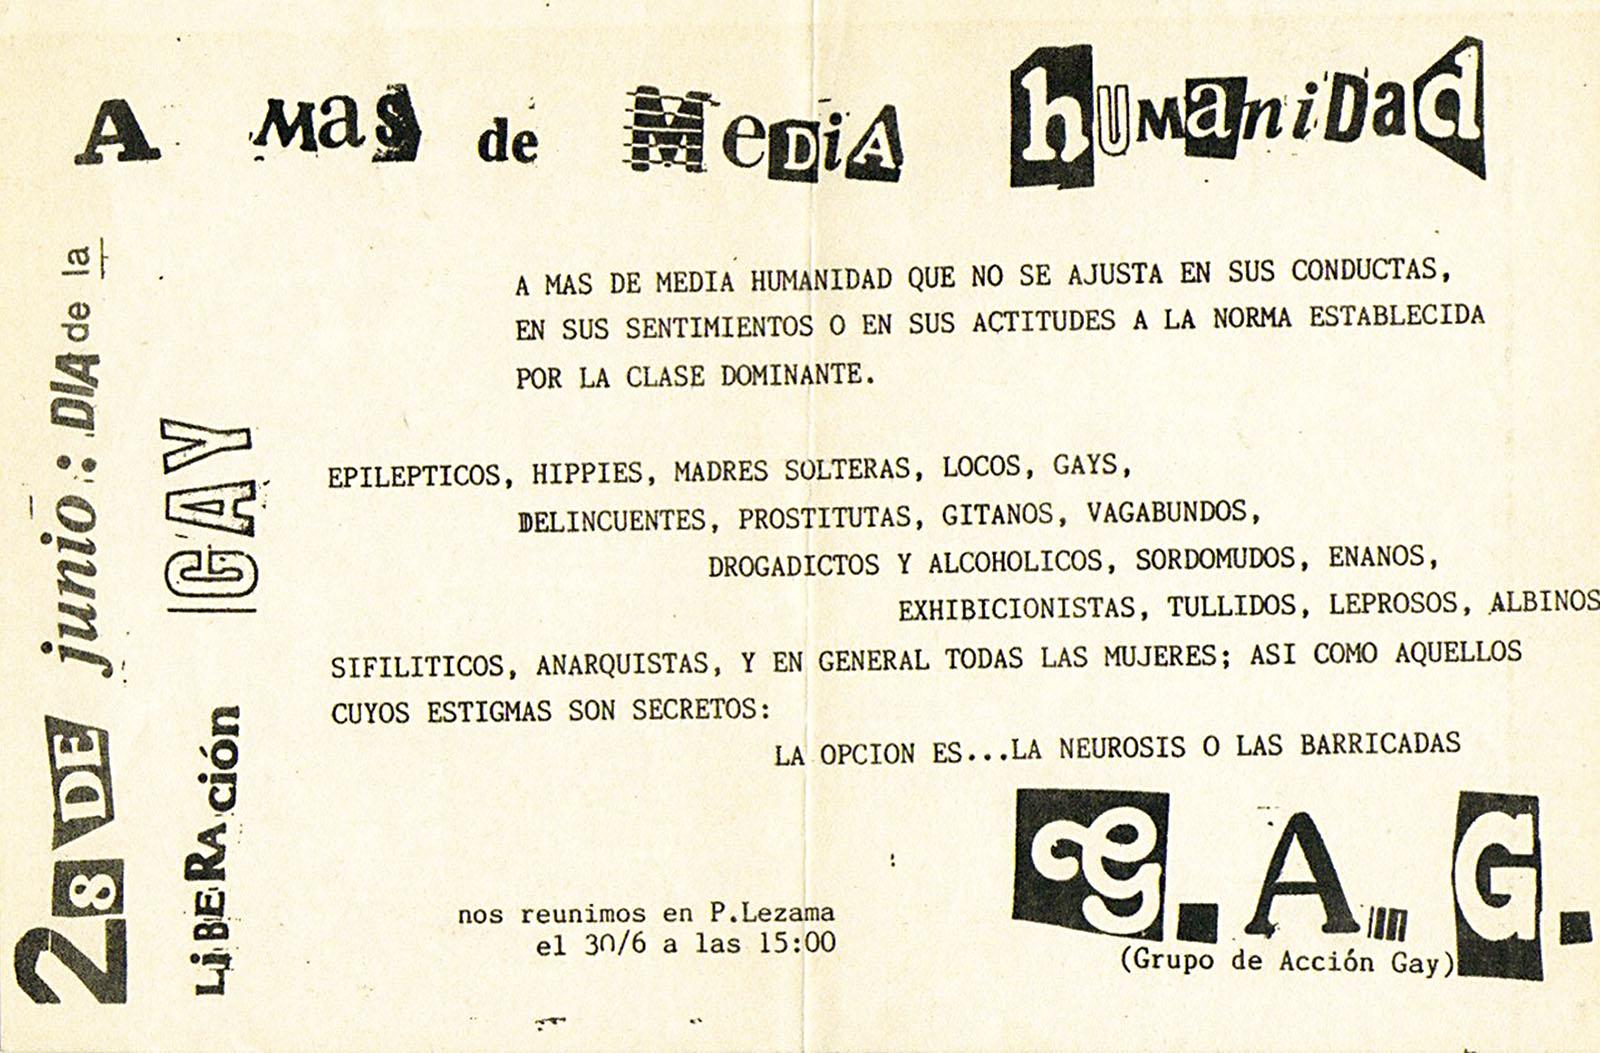 Volante del Grupo de Acción Gay, junio de 1984. Archivo Marcelo Pombo, Buenos Aires.